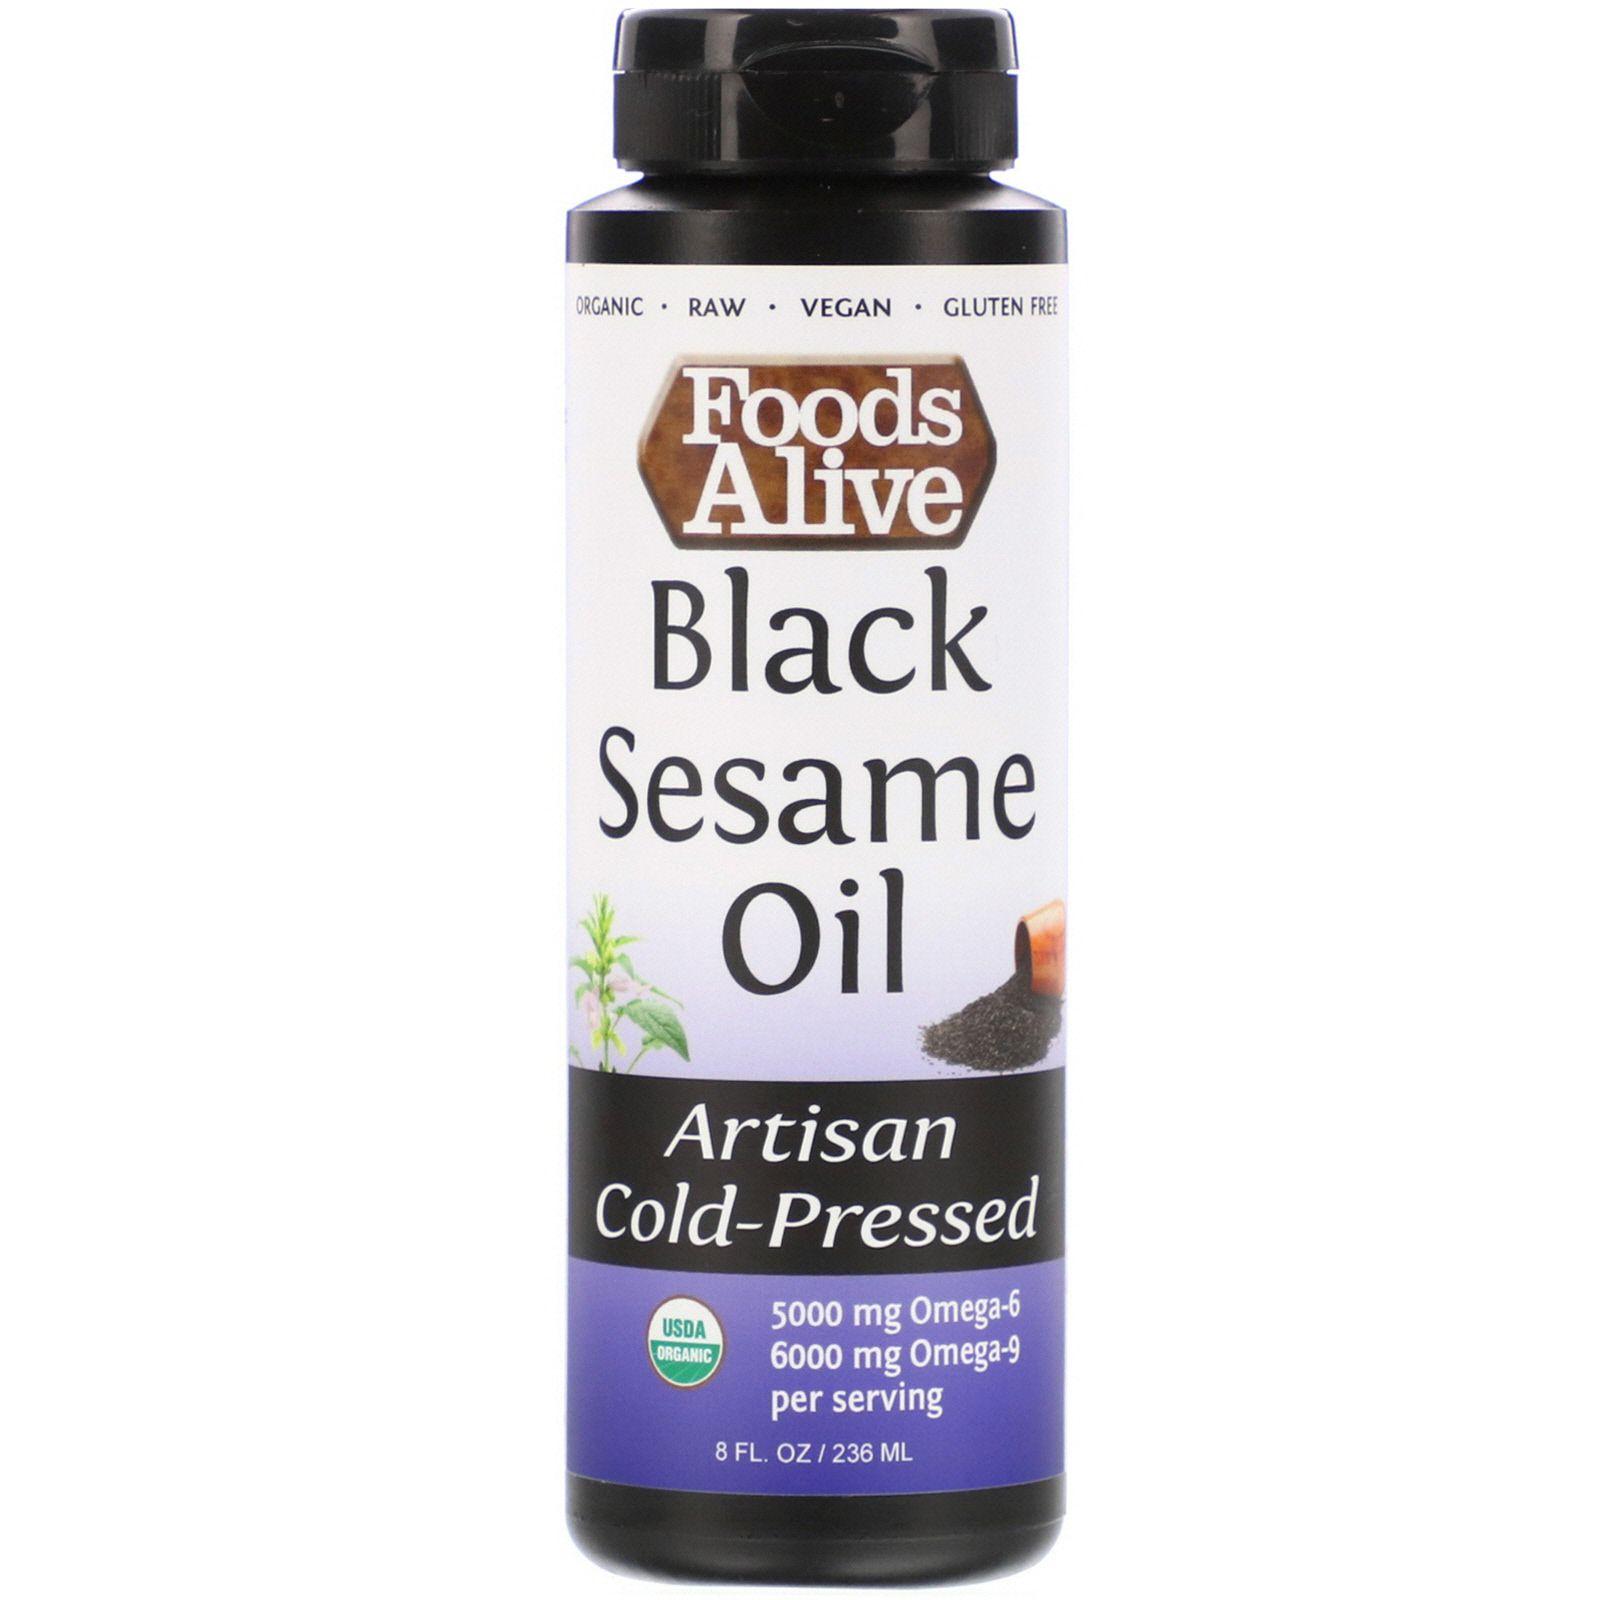 foods-alive-black-sesame-oil